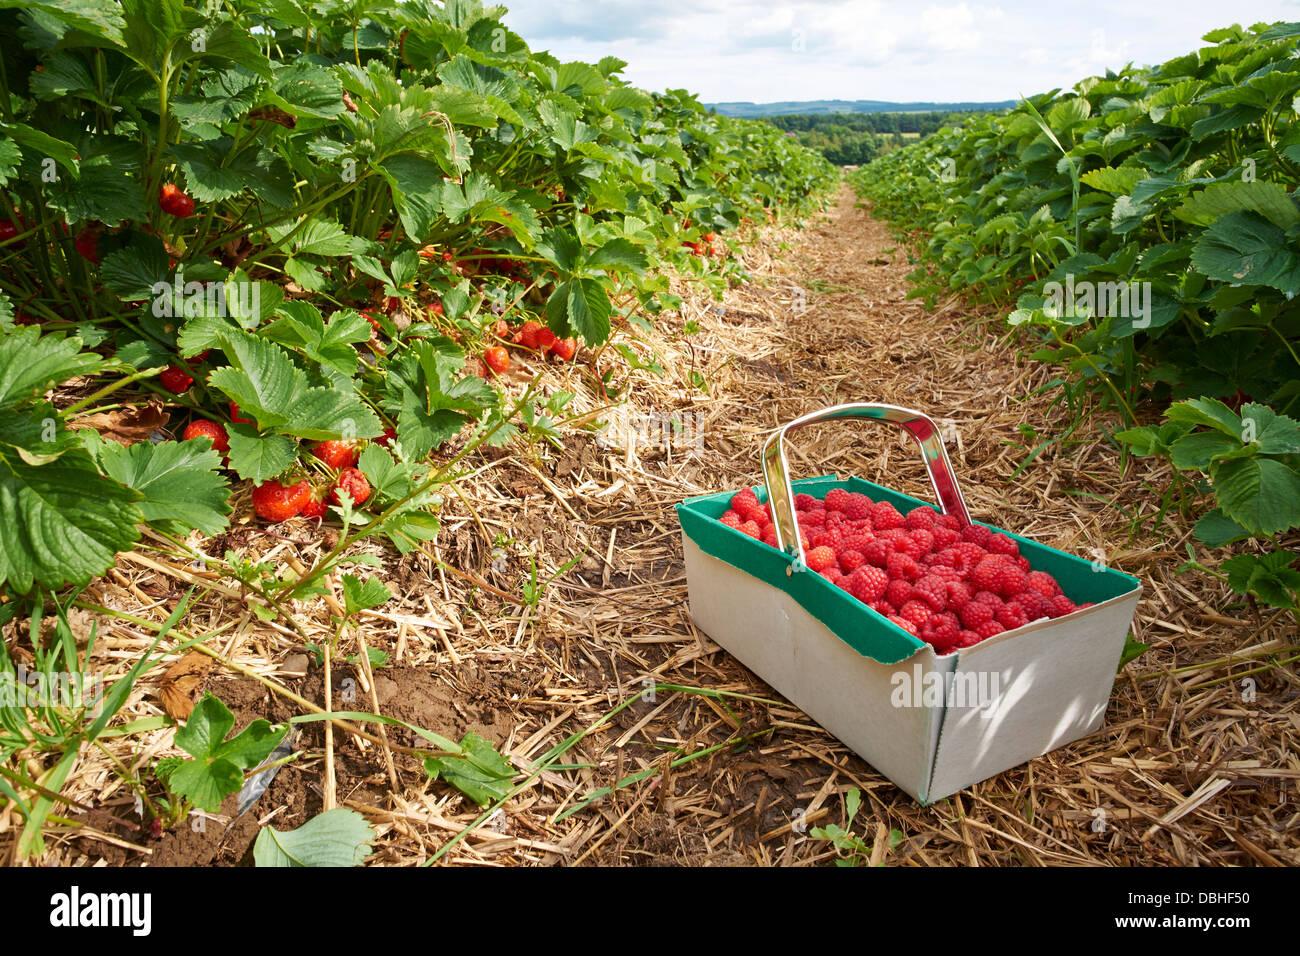 Fresas frescas maduras creciente en una granja de frutas Imagen De Stock